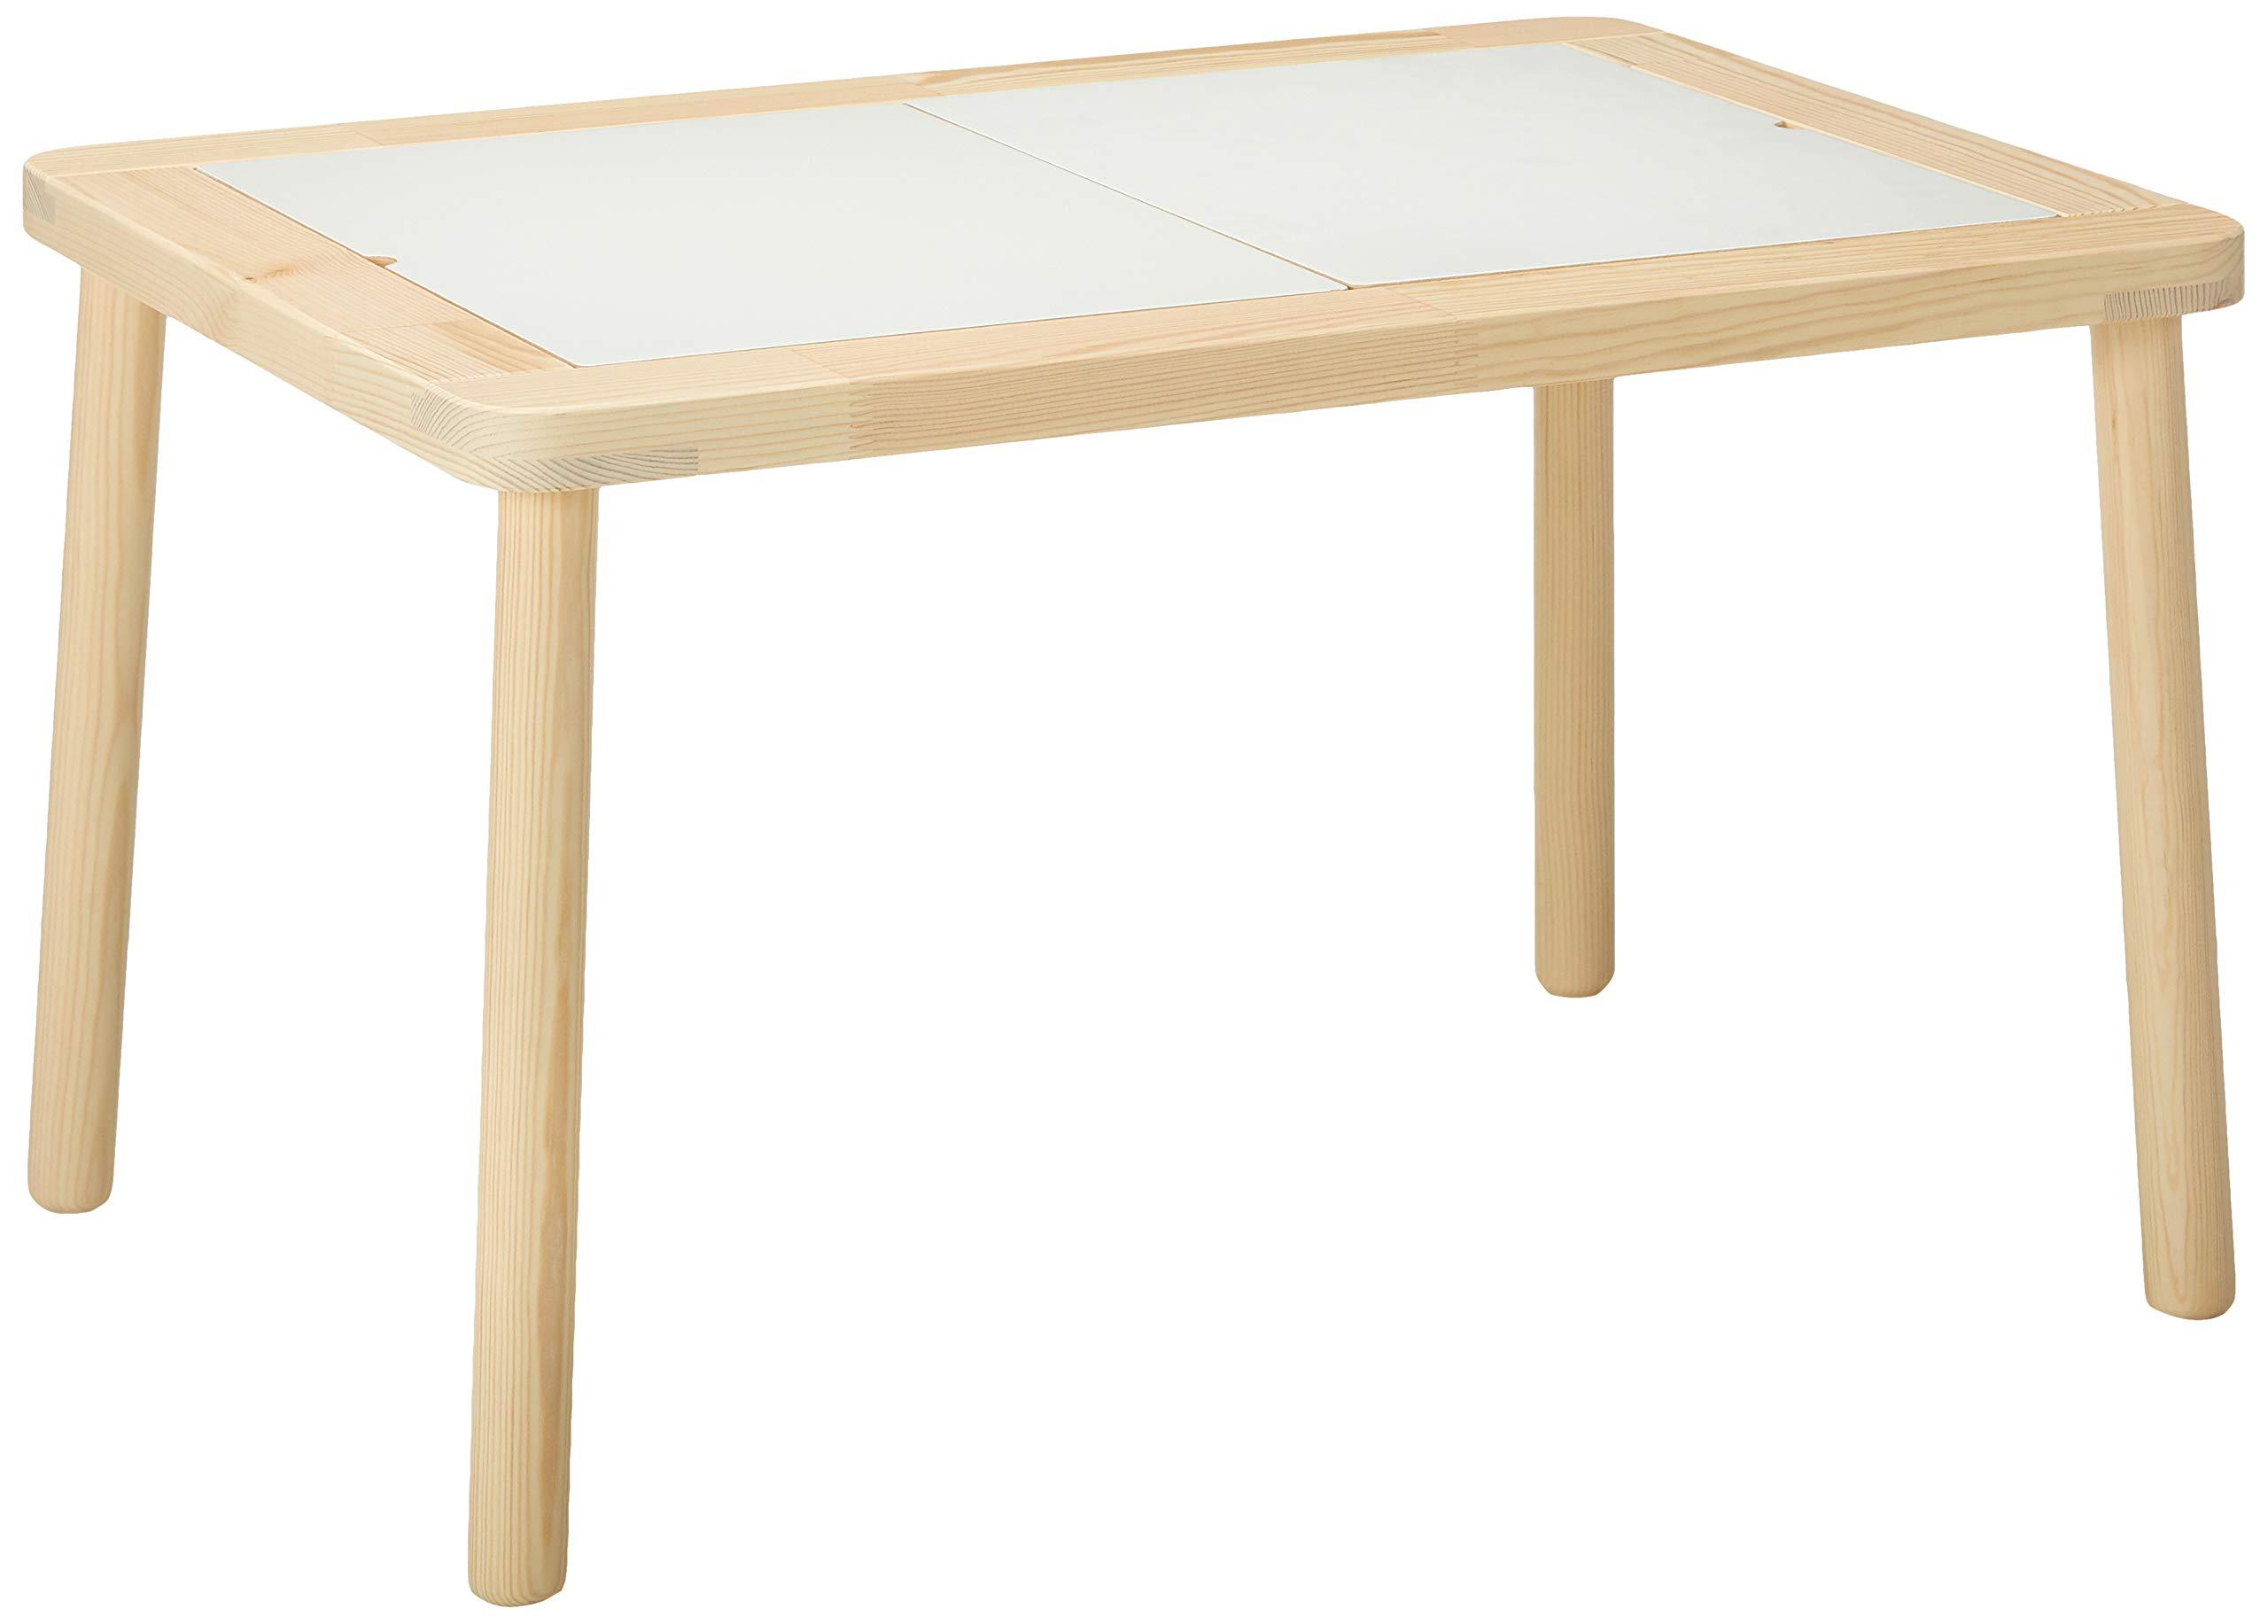 IKEA FLISAT Children's Table 502.984.18, 32 5/8x22 7/8'''', Wood by IKEA